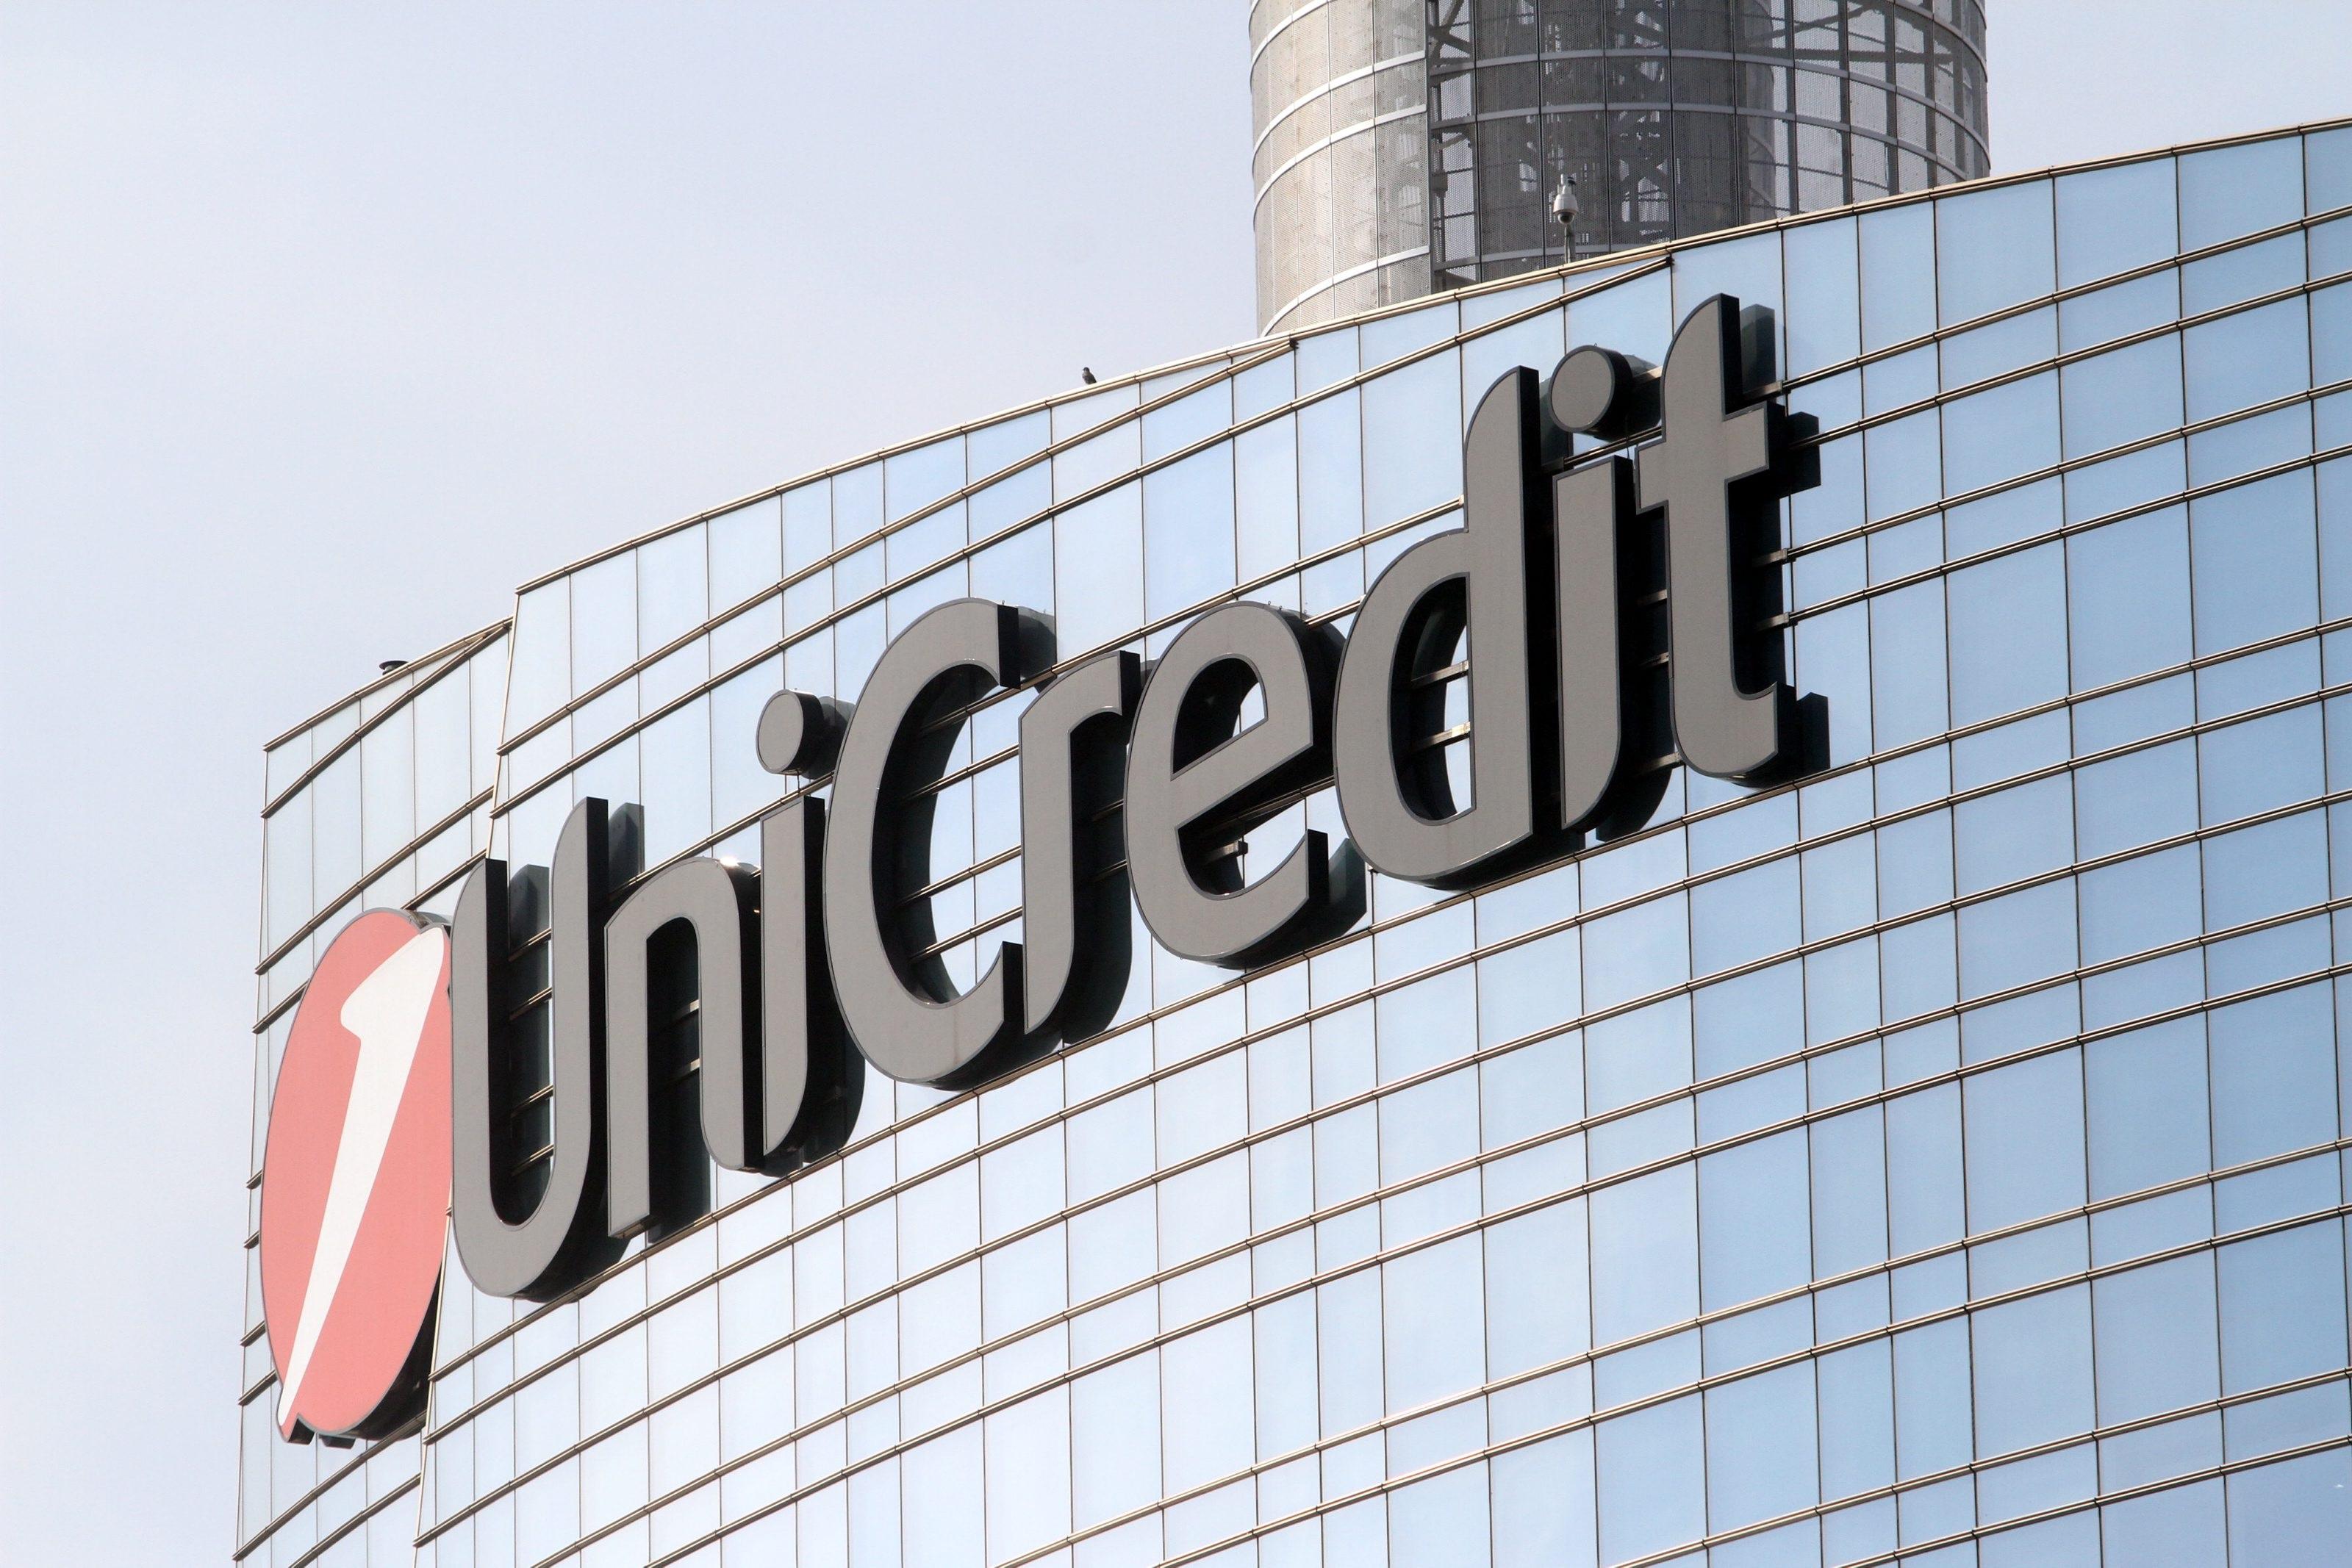 因為Intesa和Unicredit瘋狂地購買了美元債券